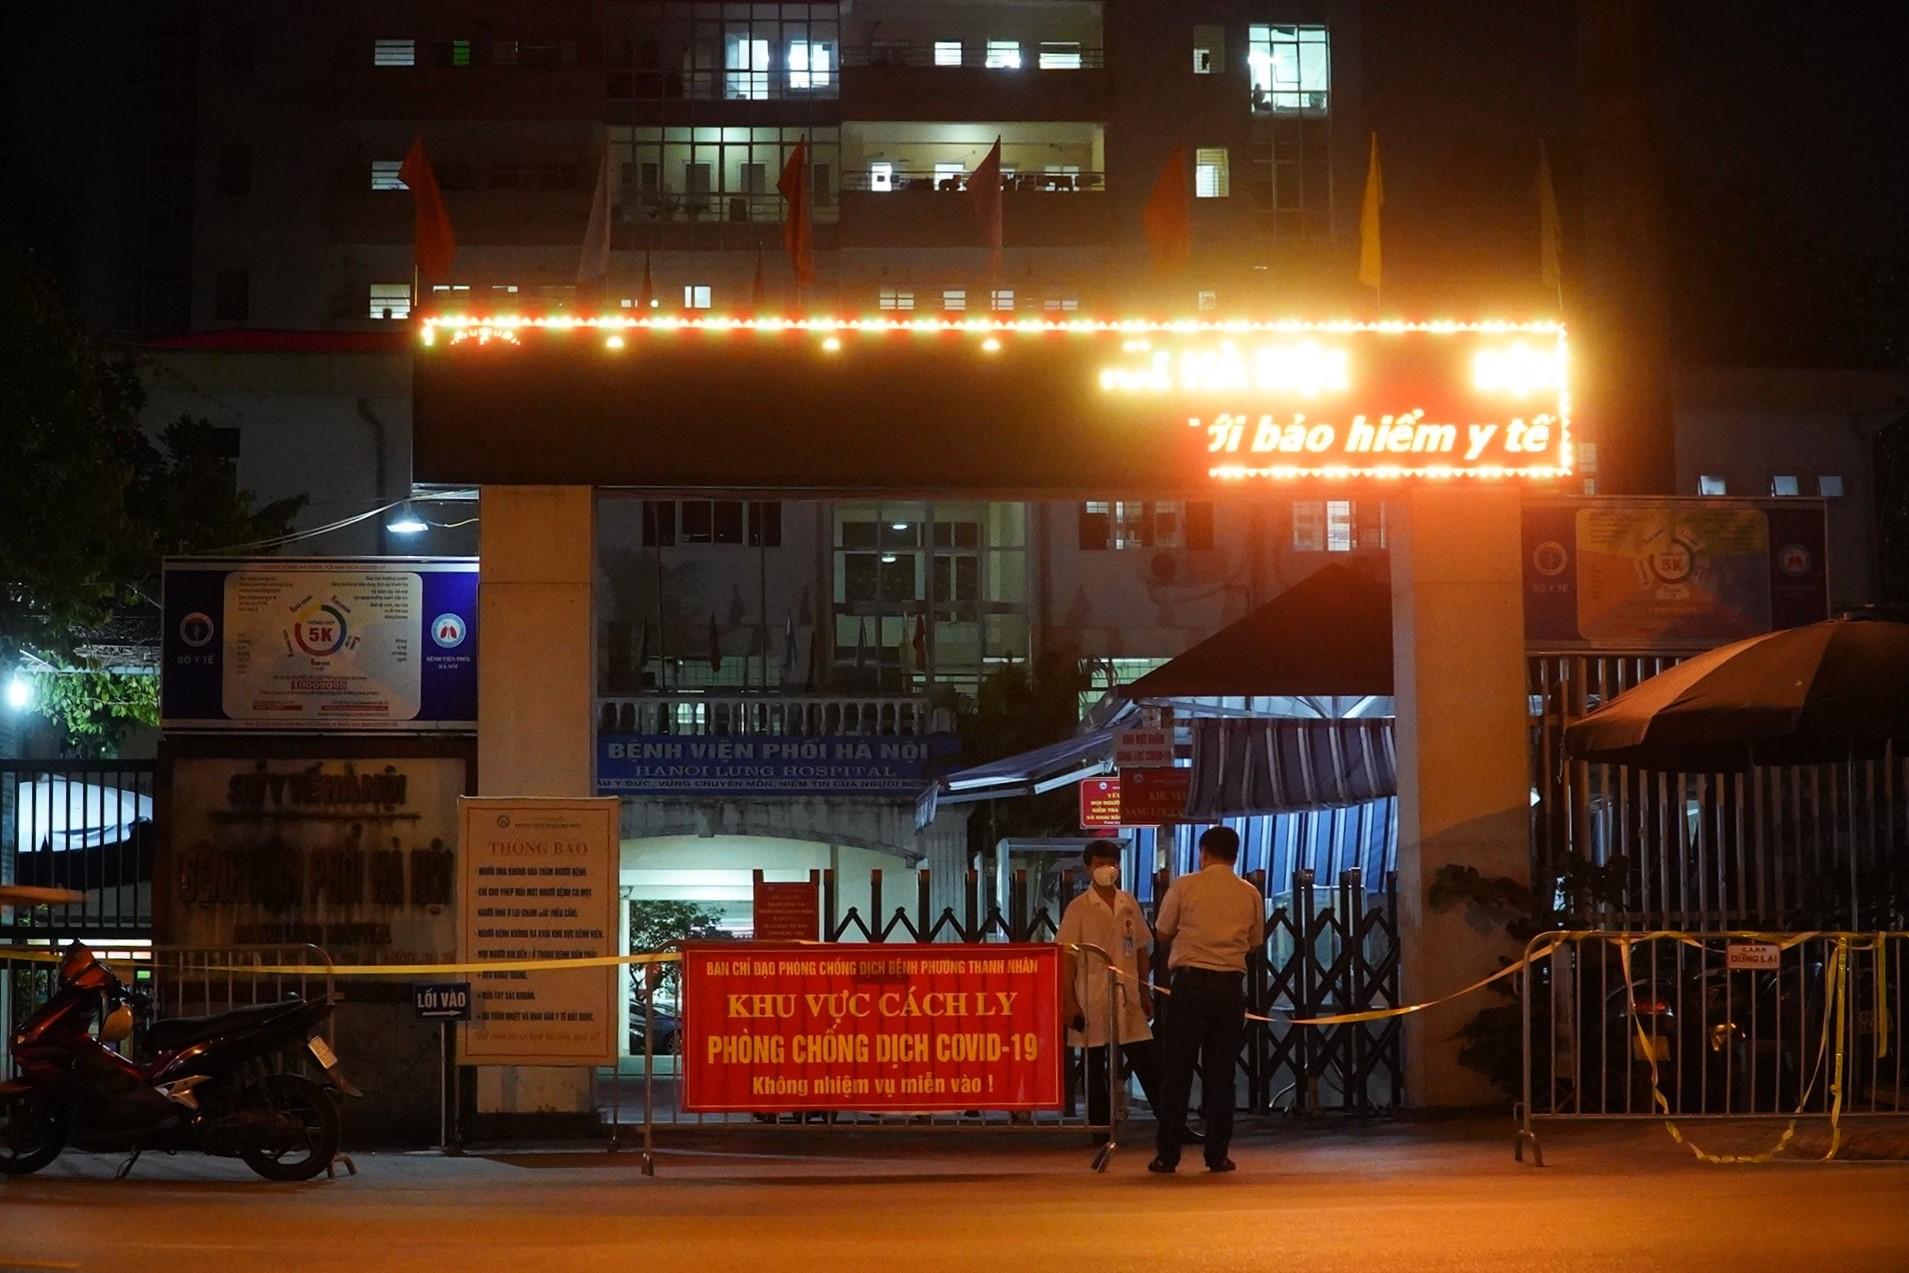 Bệnh viện Phổi Hà Nội bị phong tỏa đêm 25/7. Ảnh: Minh Nhân.